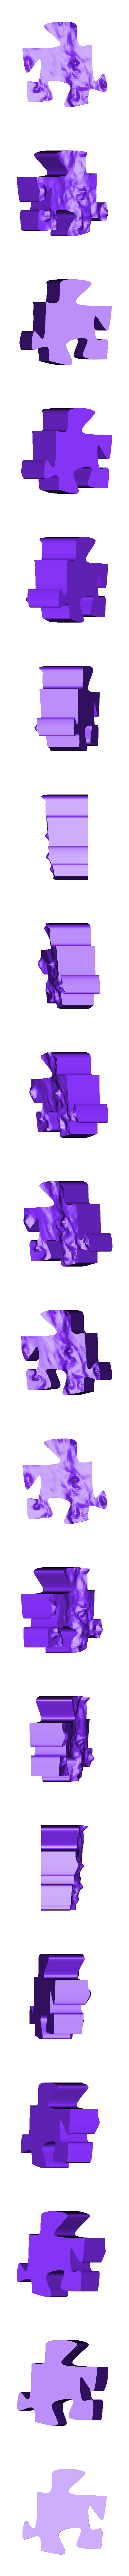 38.stl Télécharger fichier STL gratuit Echelle épique - Terrain - Zion NP • Objet à imprimer en 3D, TCP491016